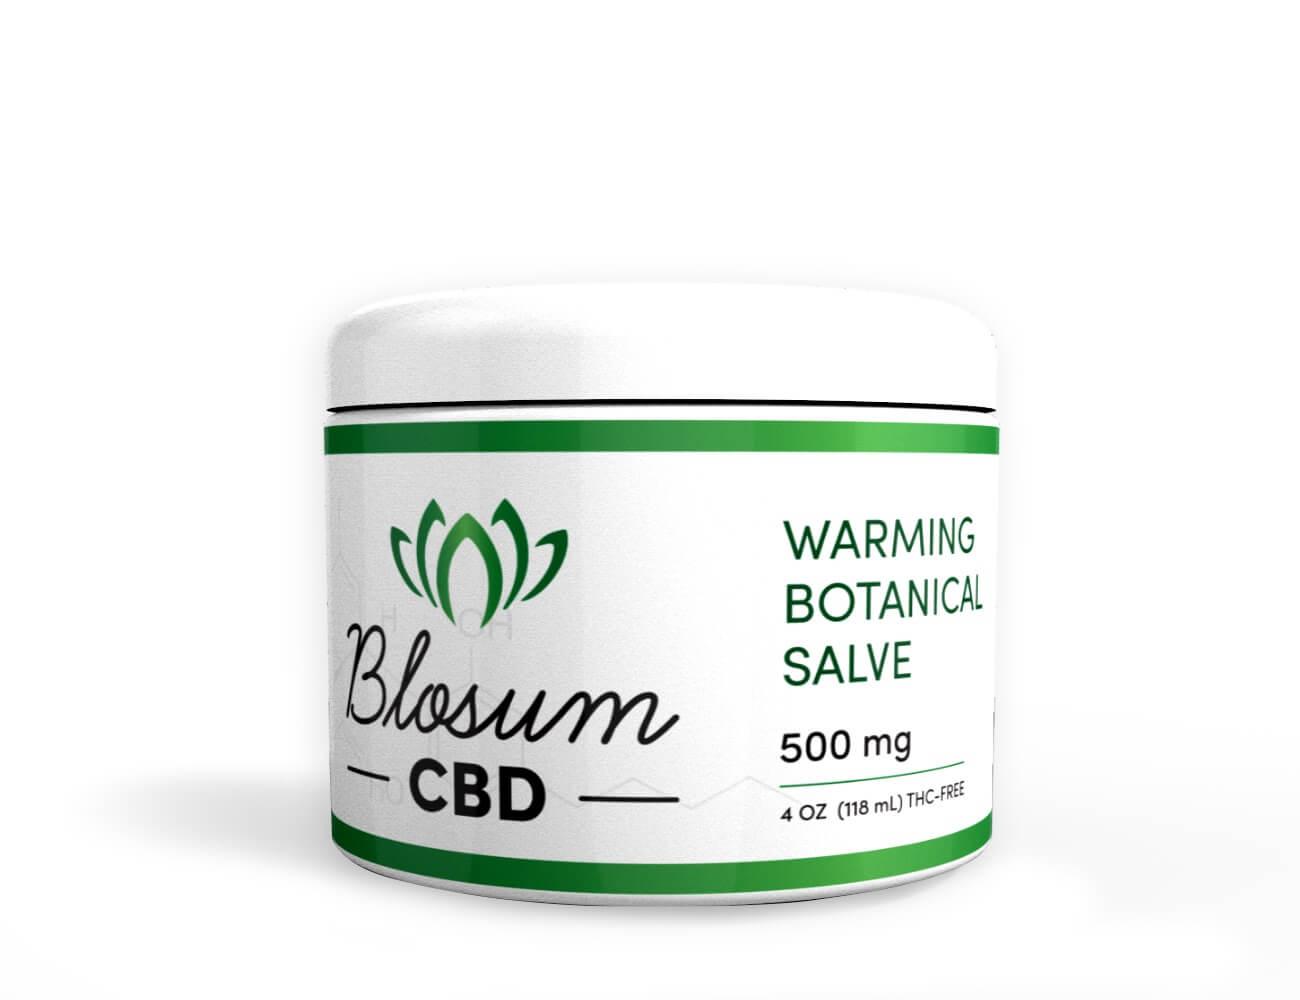 Blosum 15% Off CBD Cream Coupon